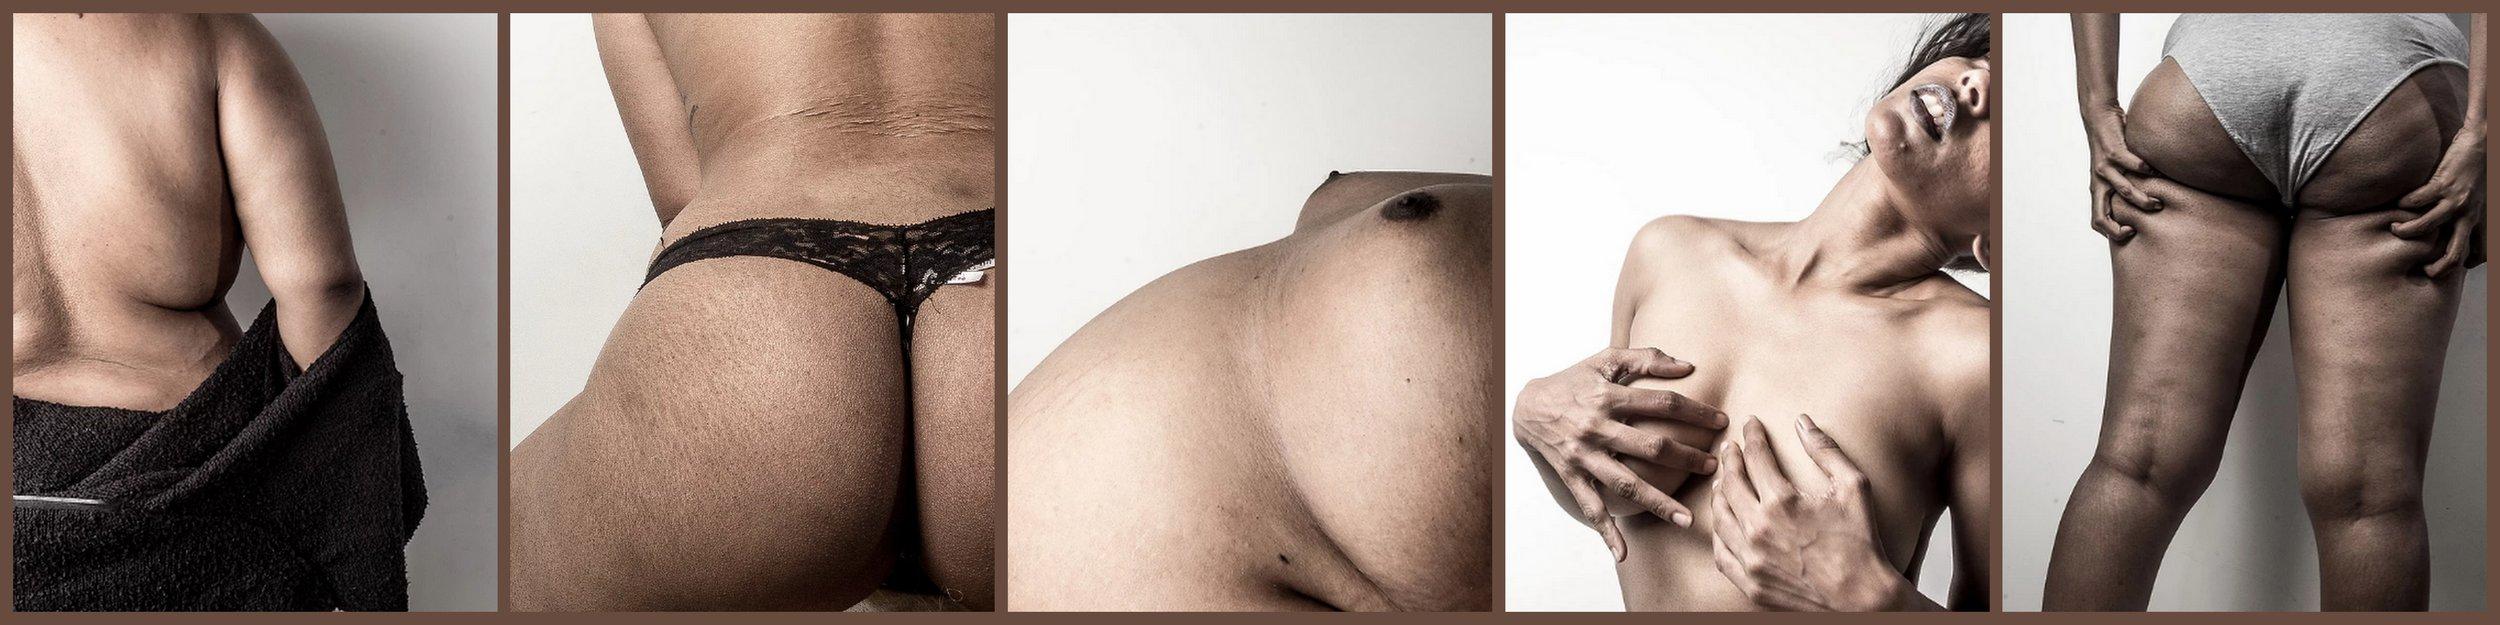 ROSHINI KUMAR (R) - @Rosh93